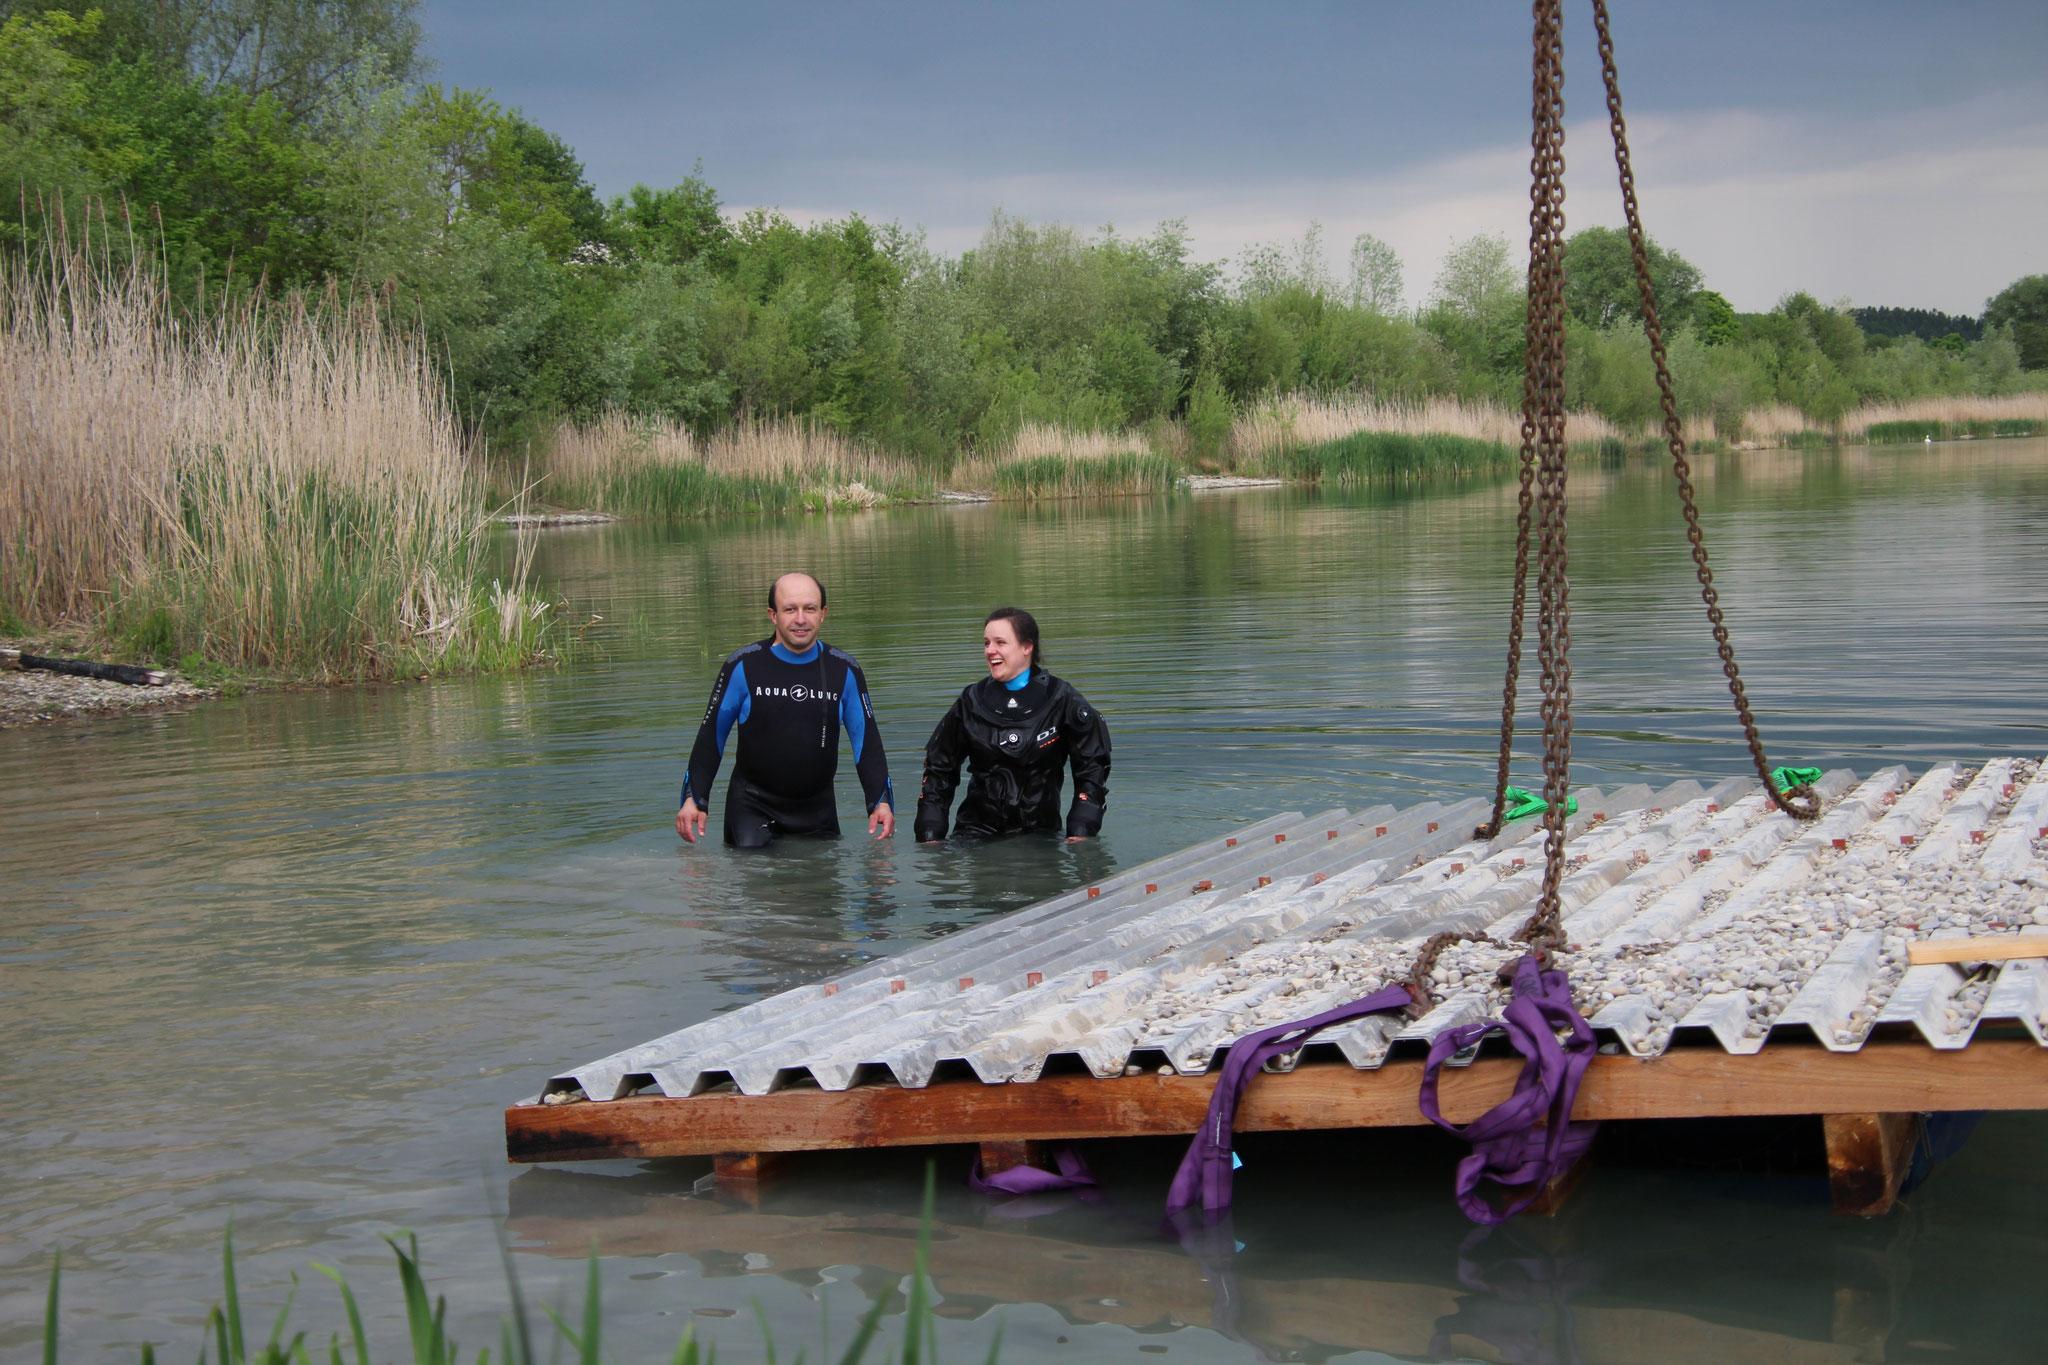 Die Rettungstaucher haben die Hebevorrichtung am Floß angebracht. © B. Mayer